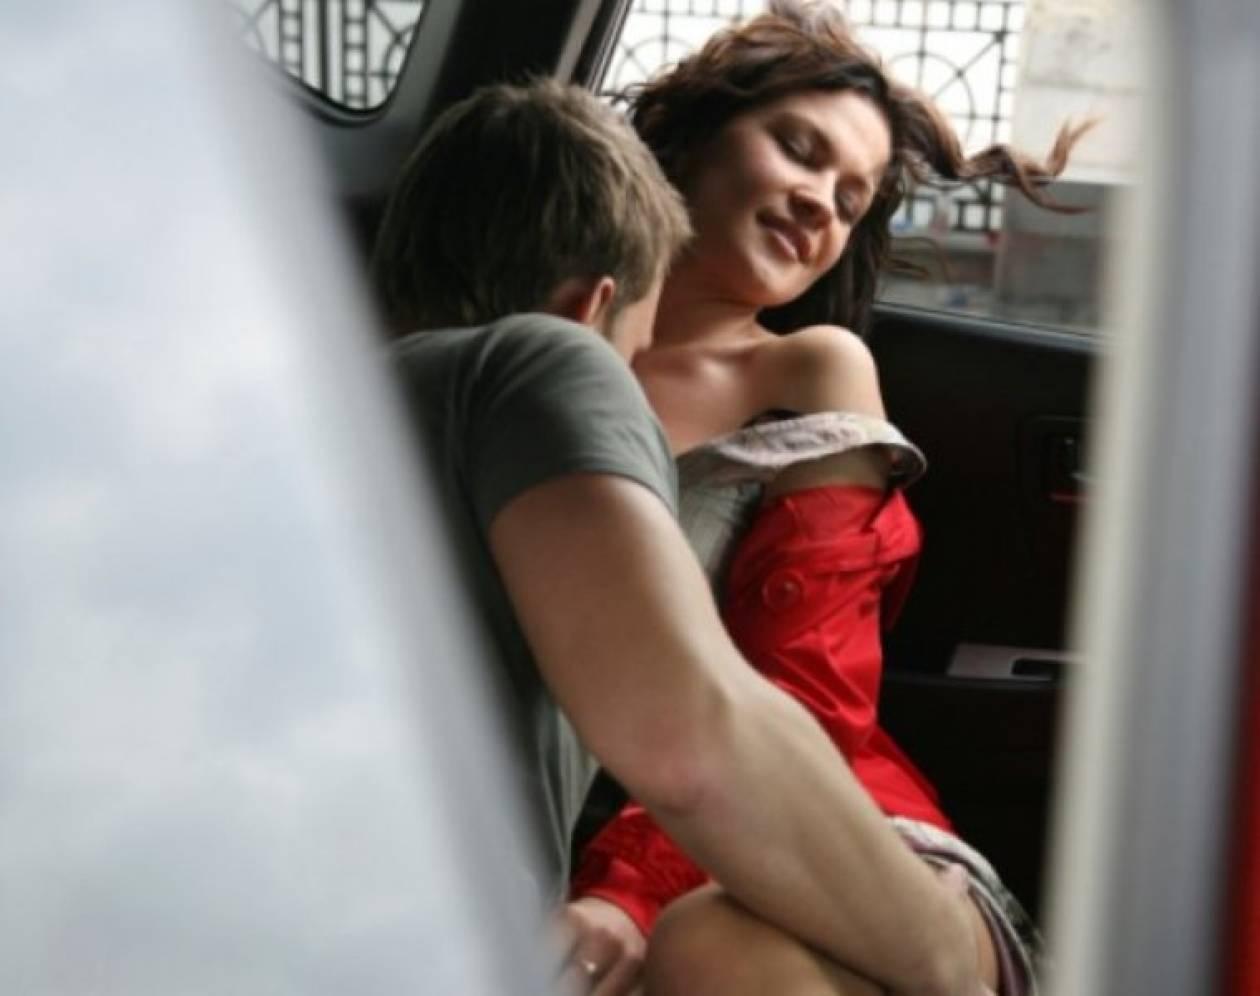 Σεξ στο αυτοκίνητο